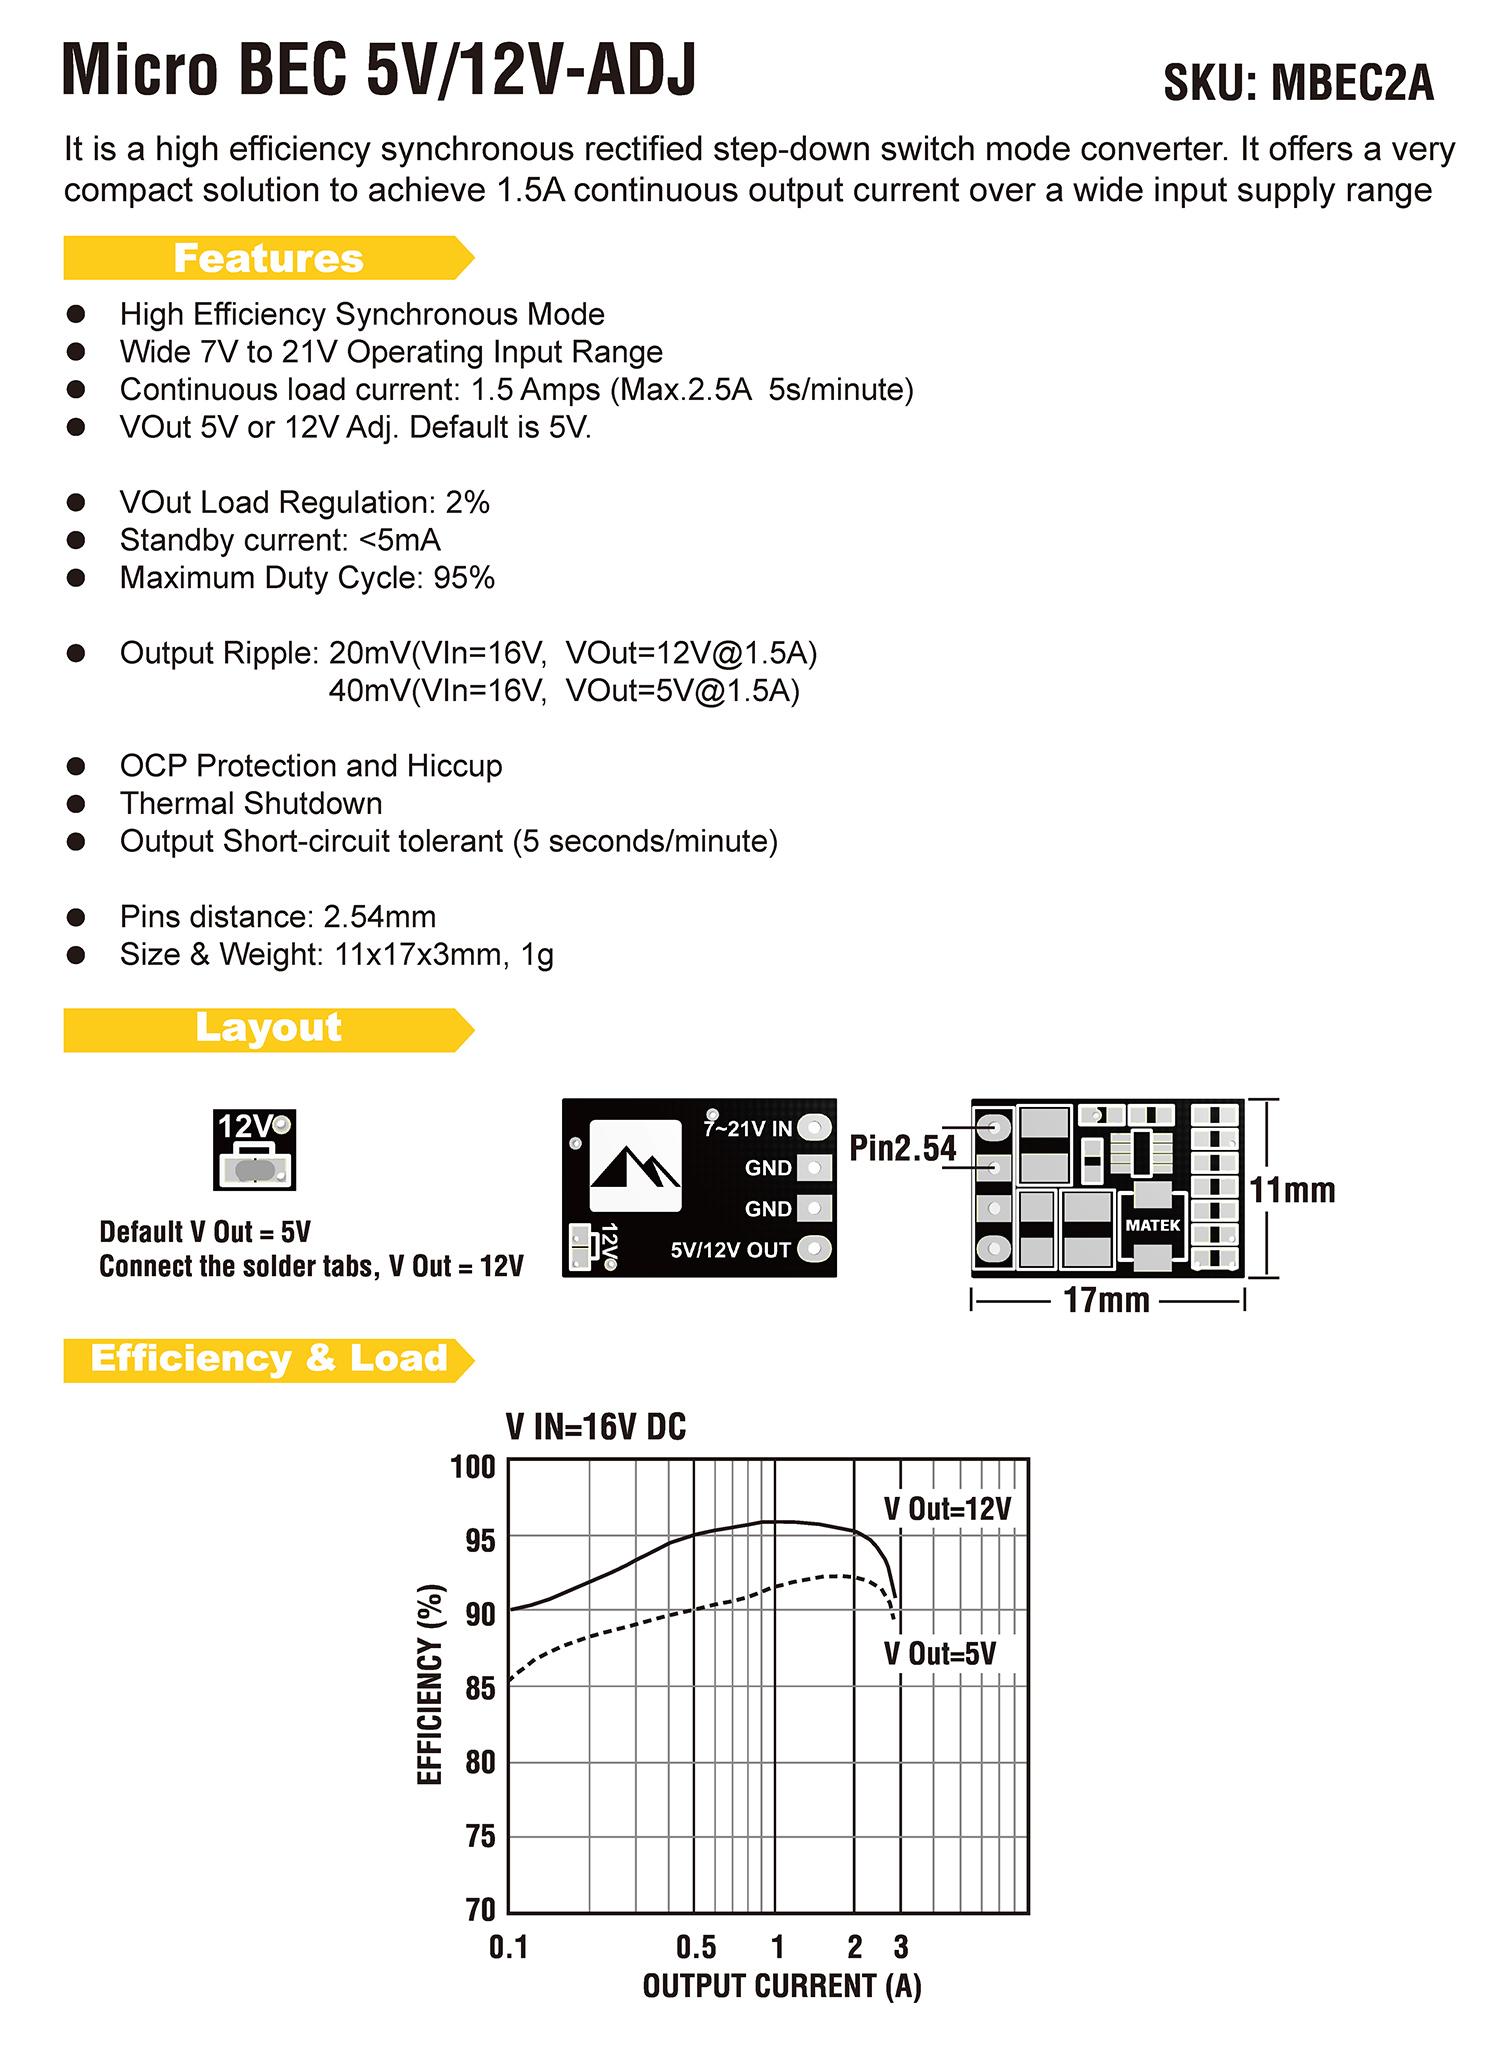 MBEC2A_Manual_EN